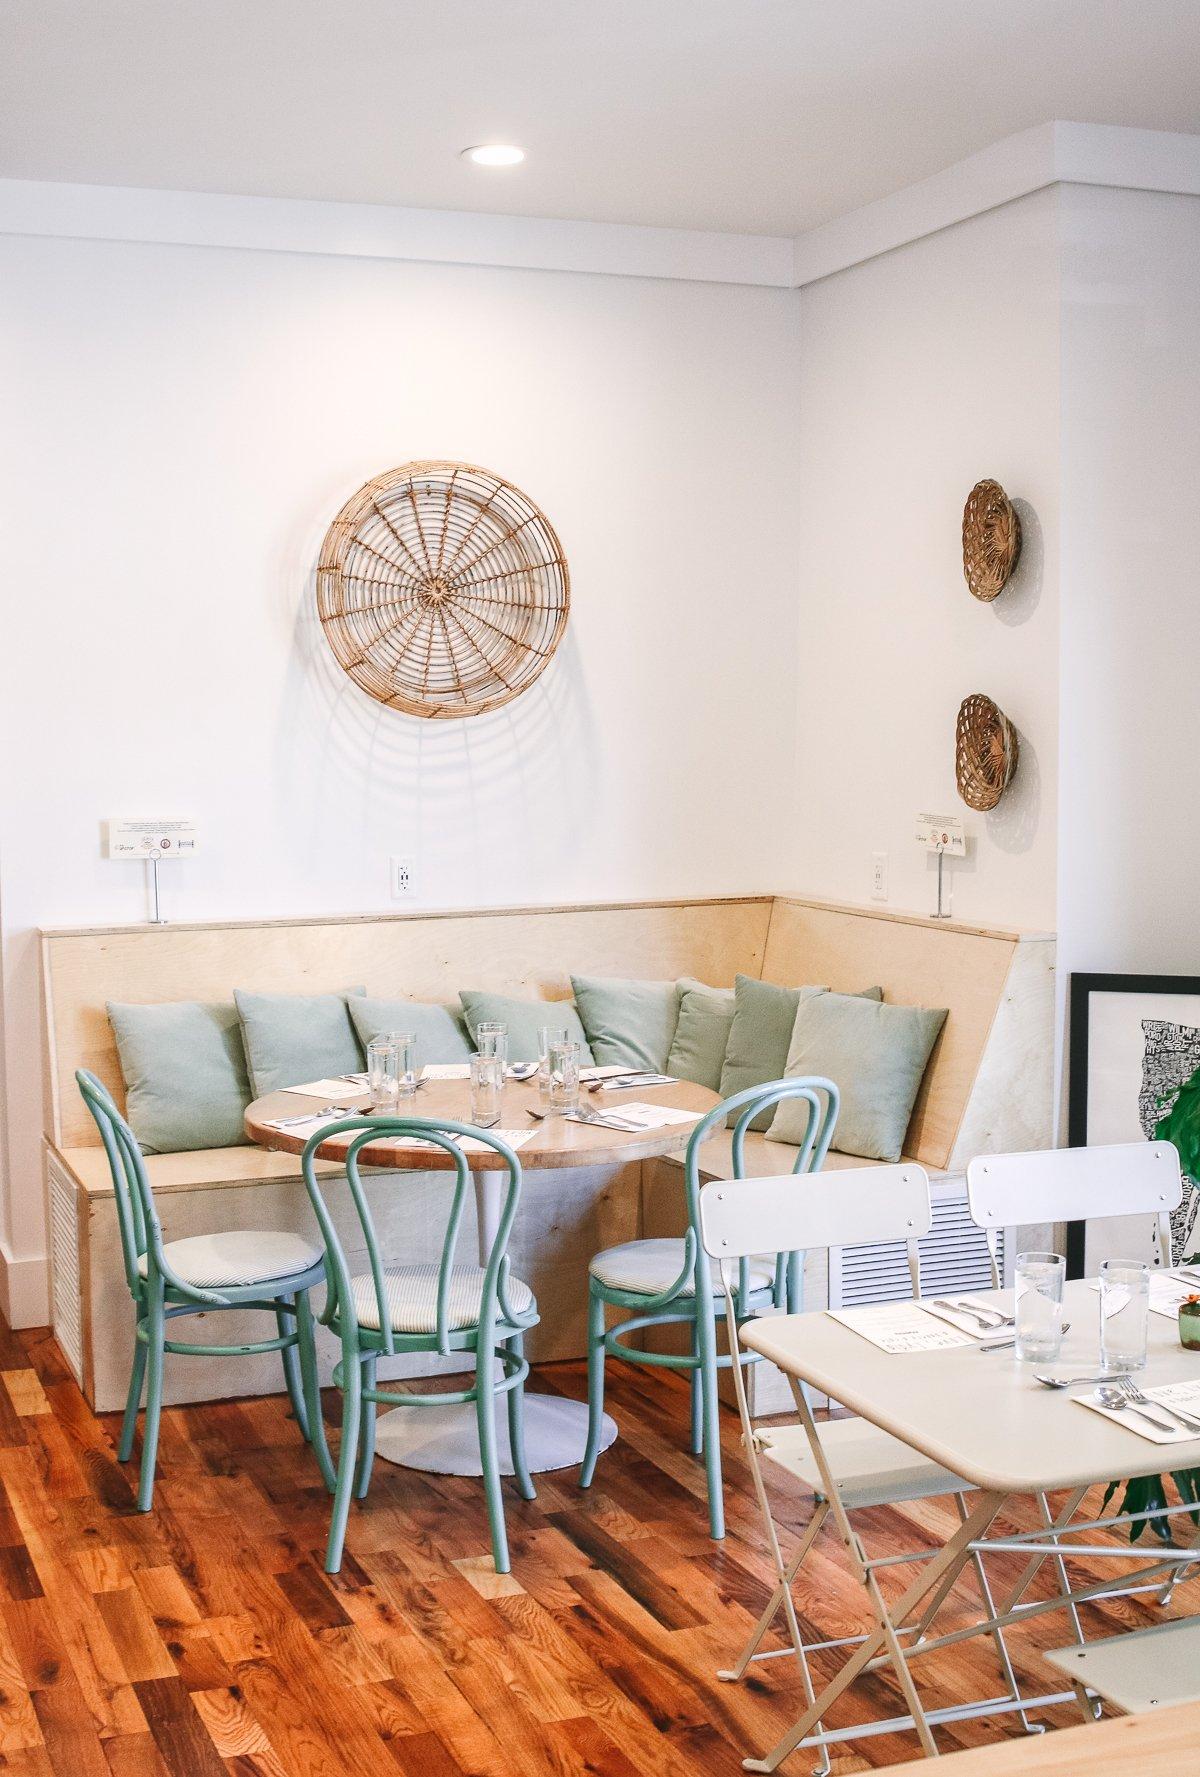 gefüllte Süßkartoffel- Love, Lydia – a bakery & cafe